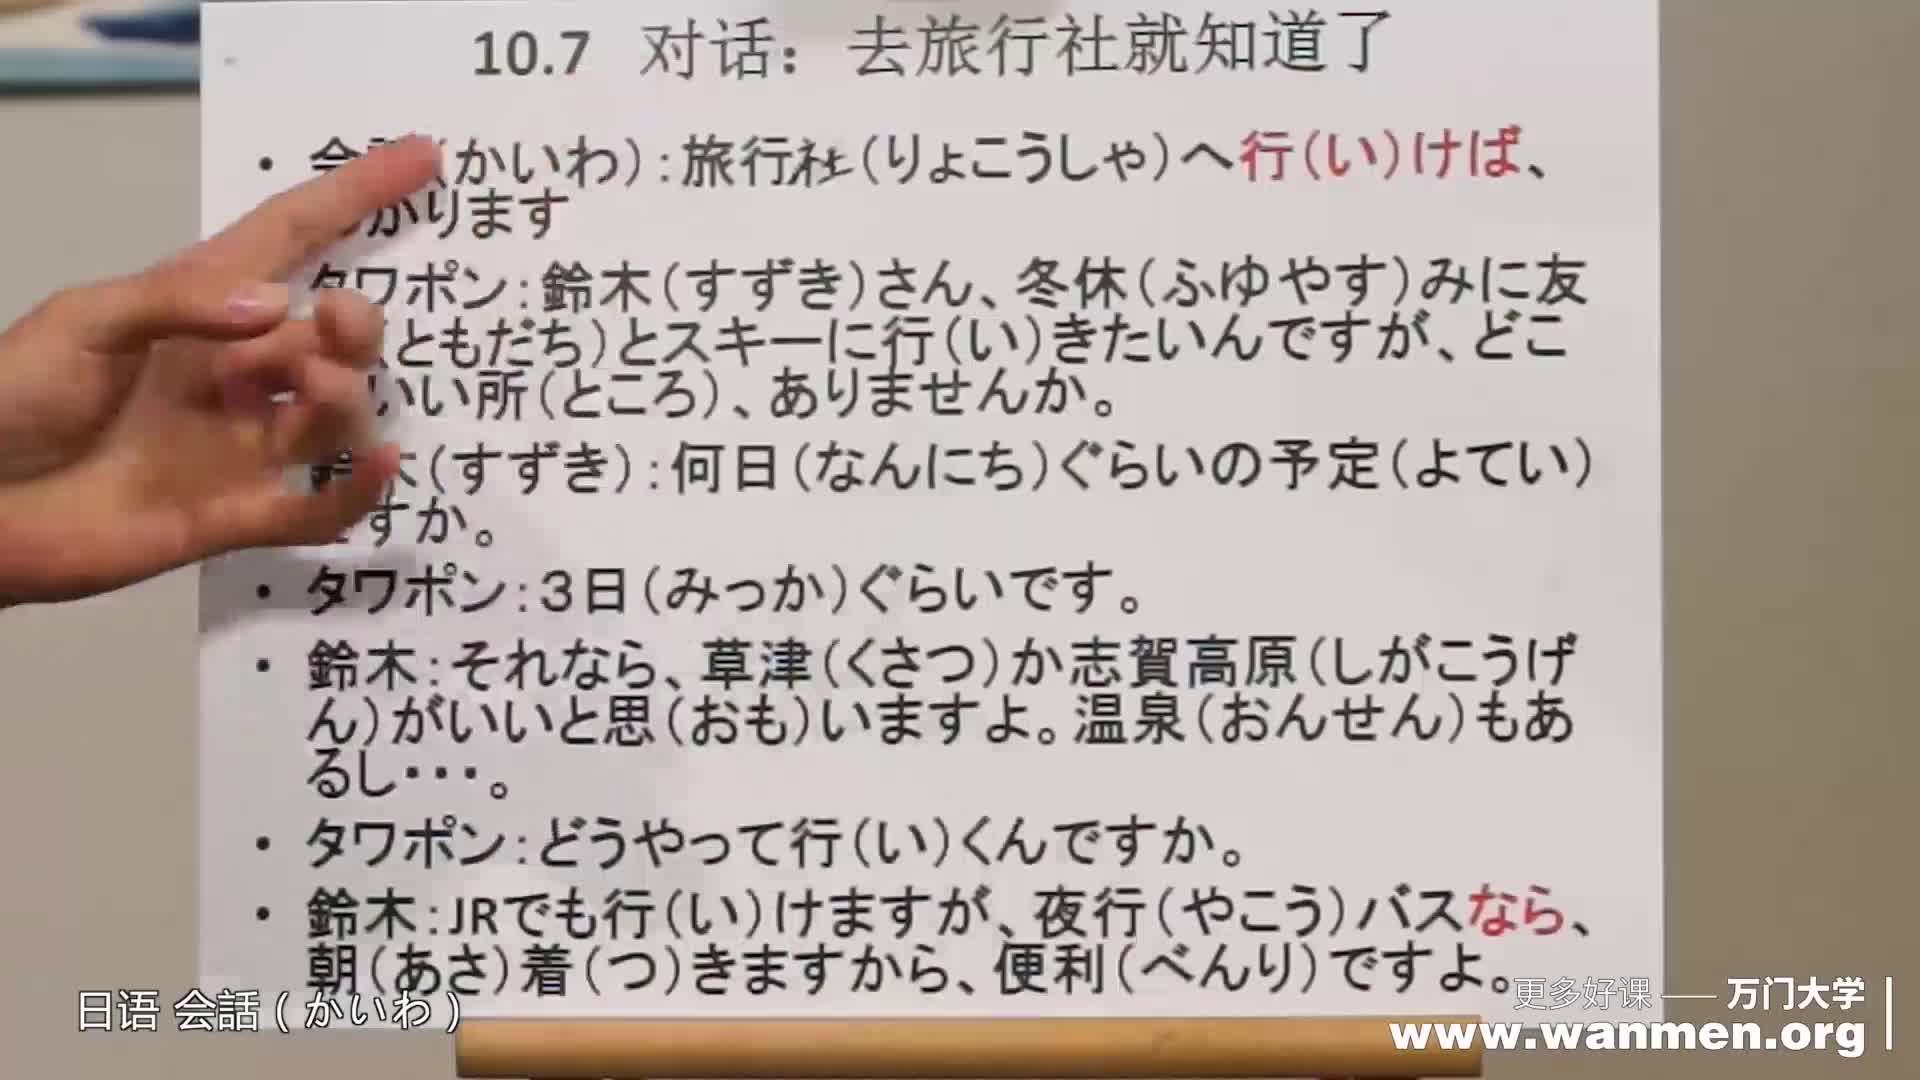 下面这段日语怎么翻译成中文?